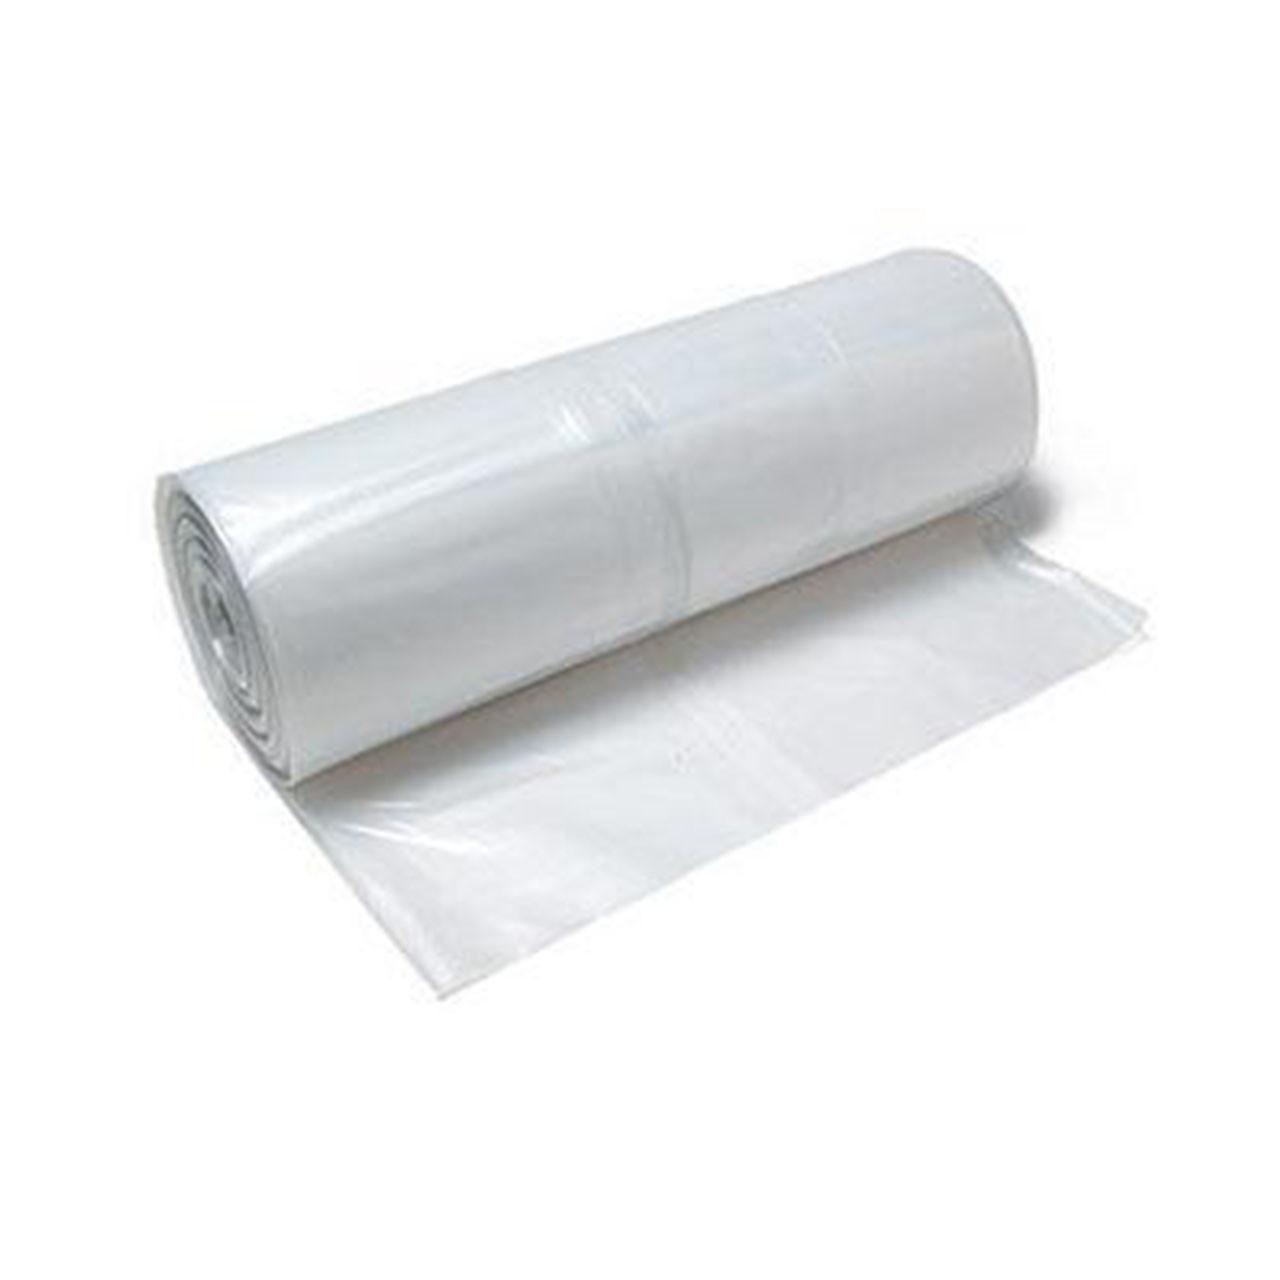 Plástico para invernadero transparente calibre 8